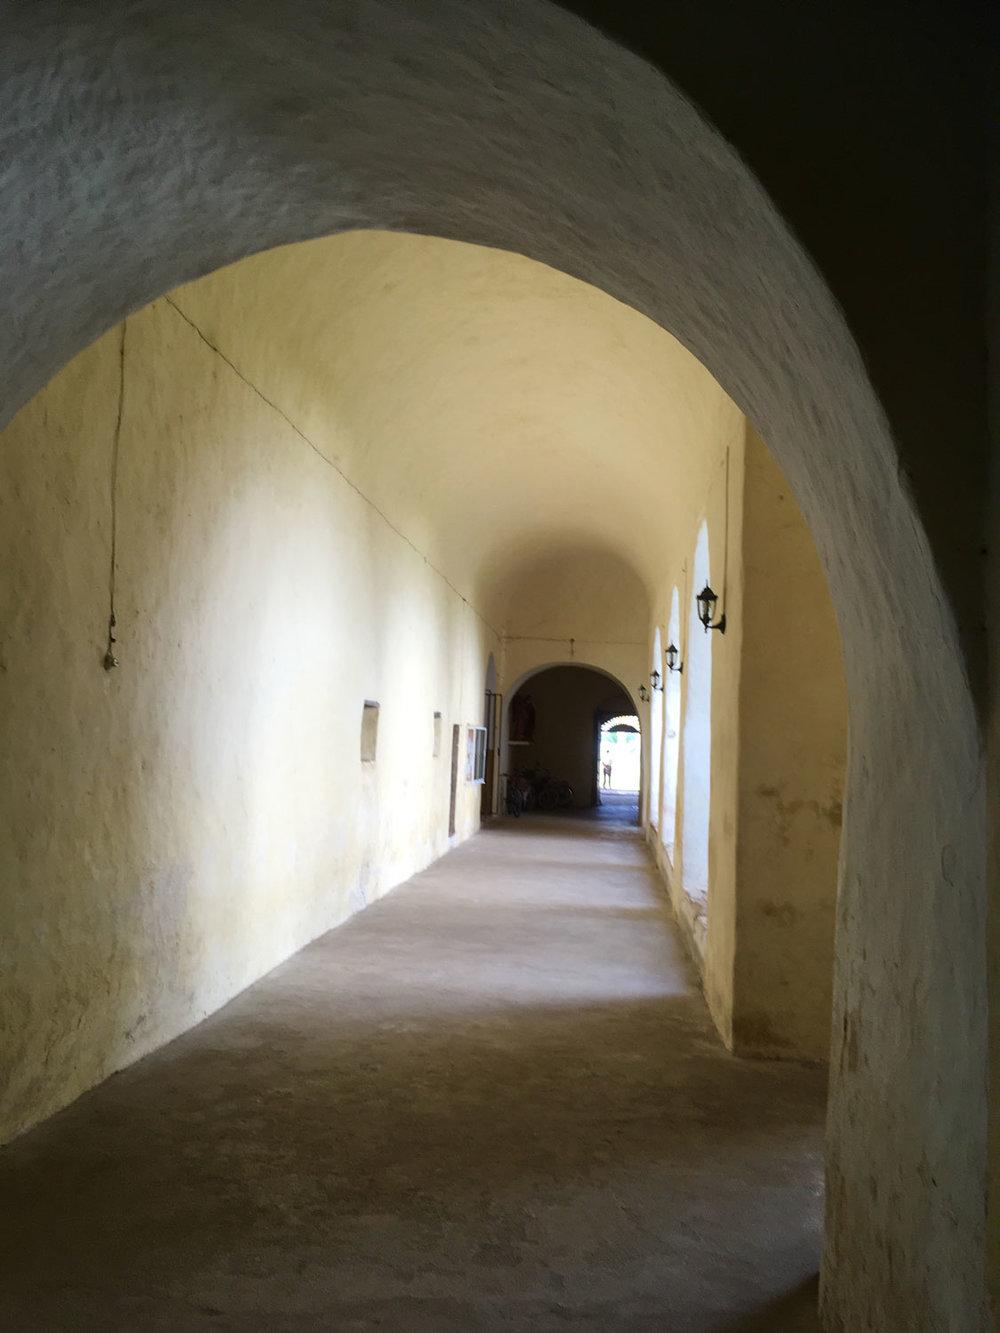 Hammocks_and_Ruins_Blog_Riviera_Maya_Mexico_Travel_Discover_Yucatan_What_to_do_Merida_Izamal_Town_44.jpg